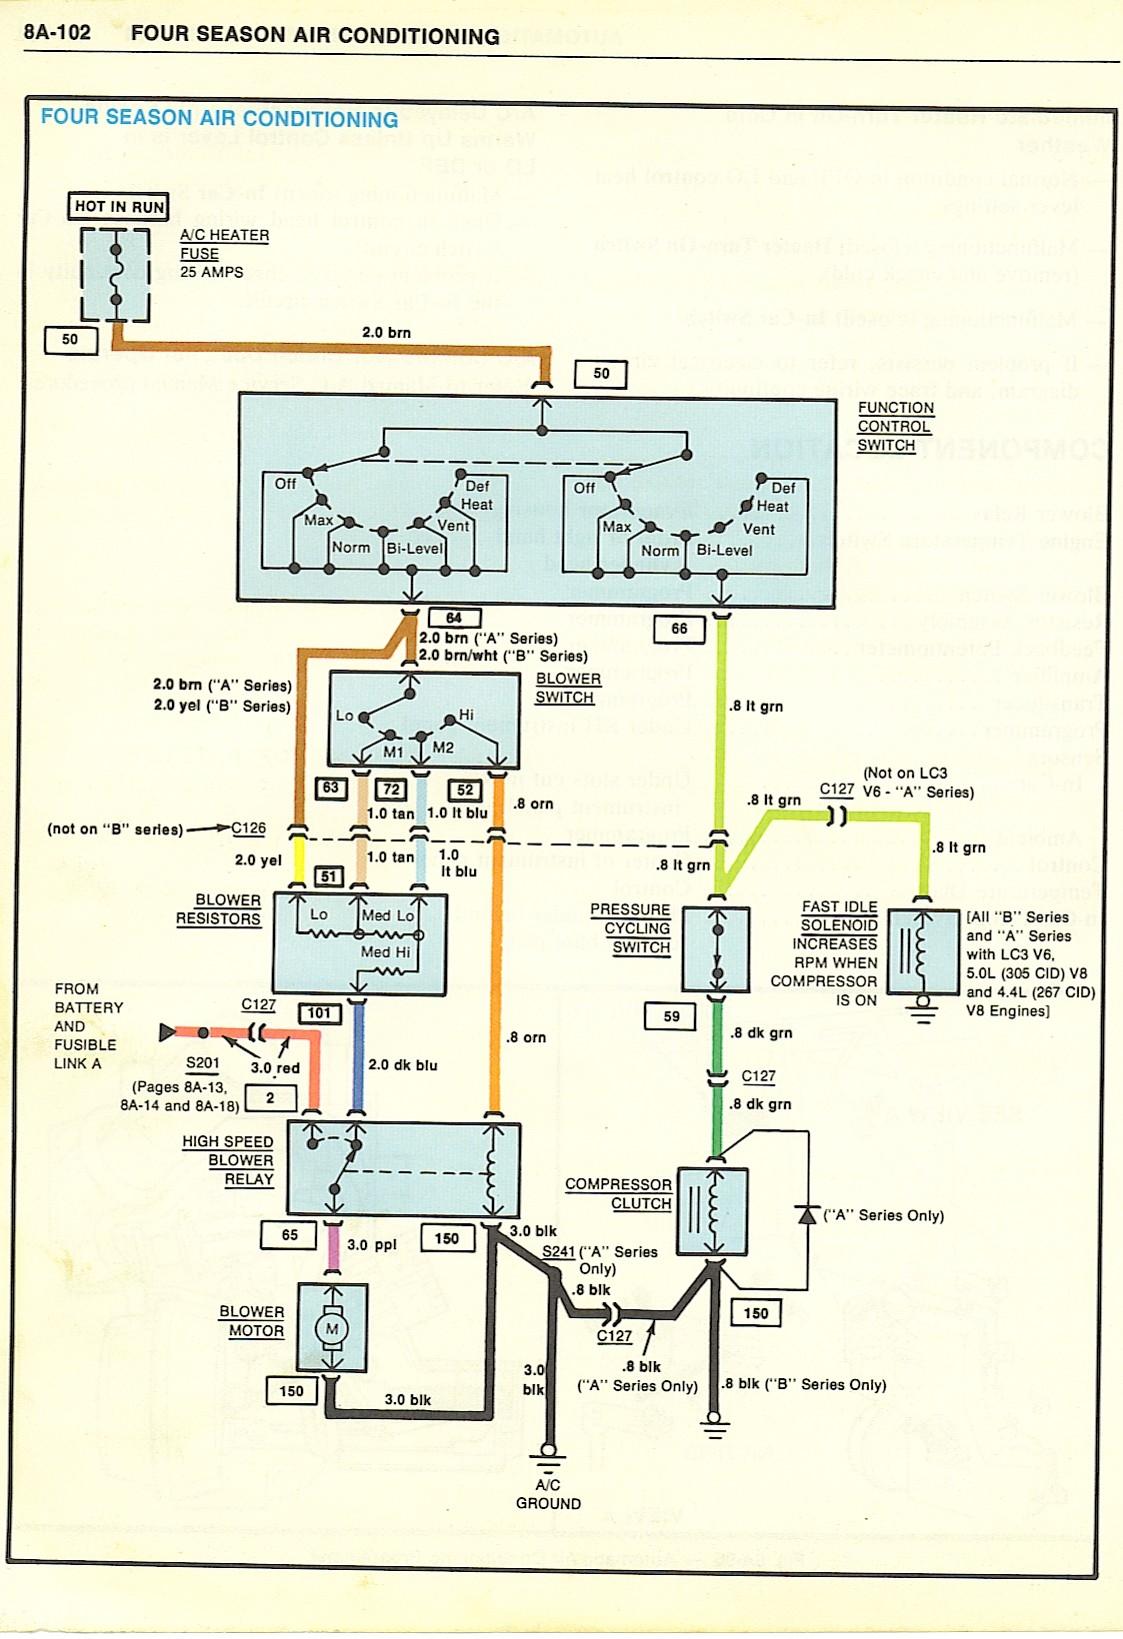 1970 chevelle heater ac wiring diagram | wiring library 1970 chevelle heater ac wiring diagram